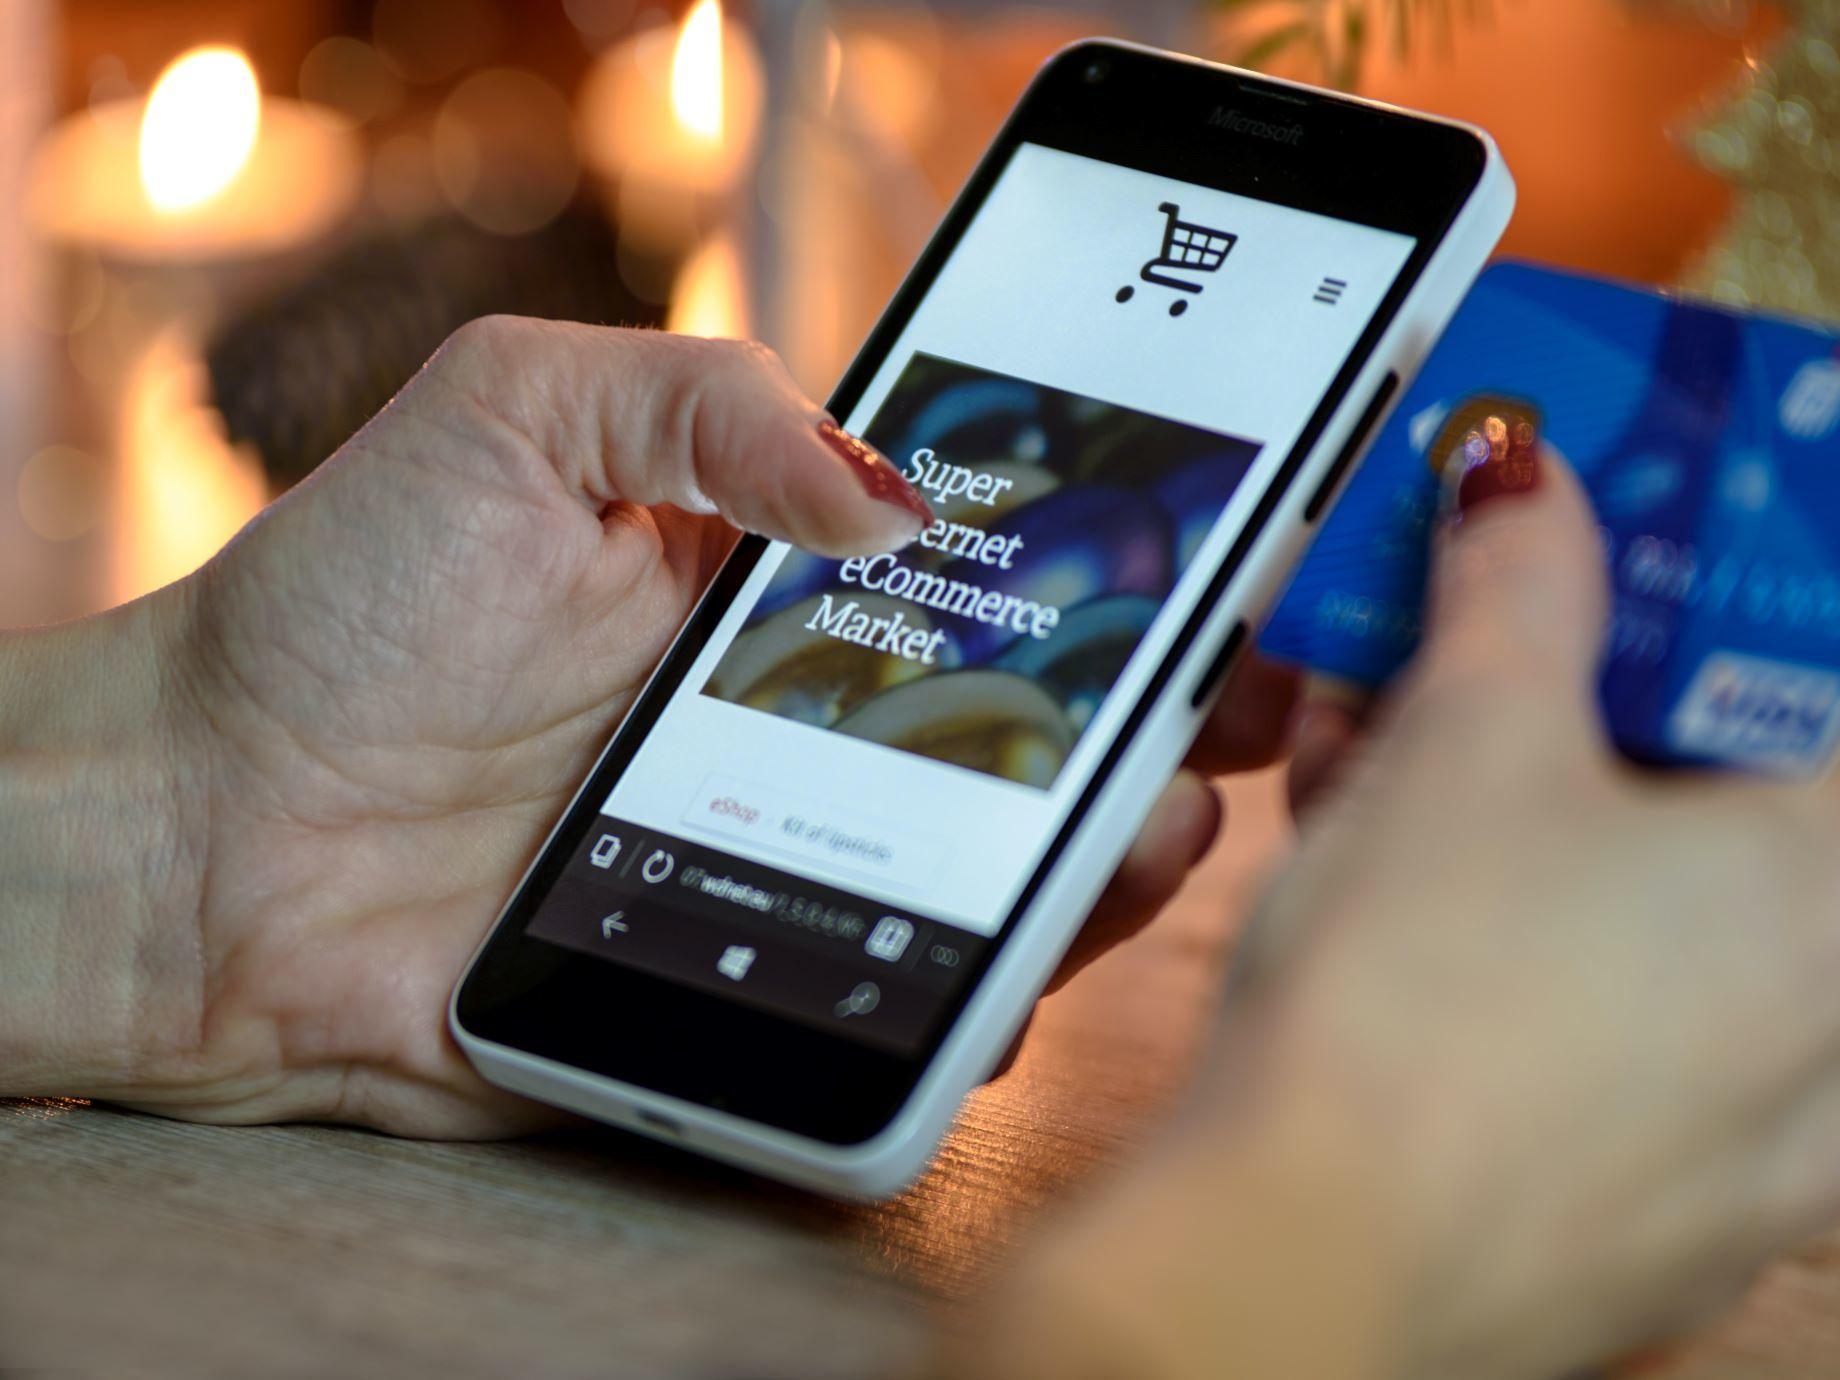 【網路商家必看】顧客到底從哪流失?善用「像素」設定,追蹤顧客瀏覽軌跡